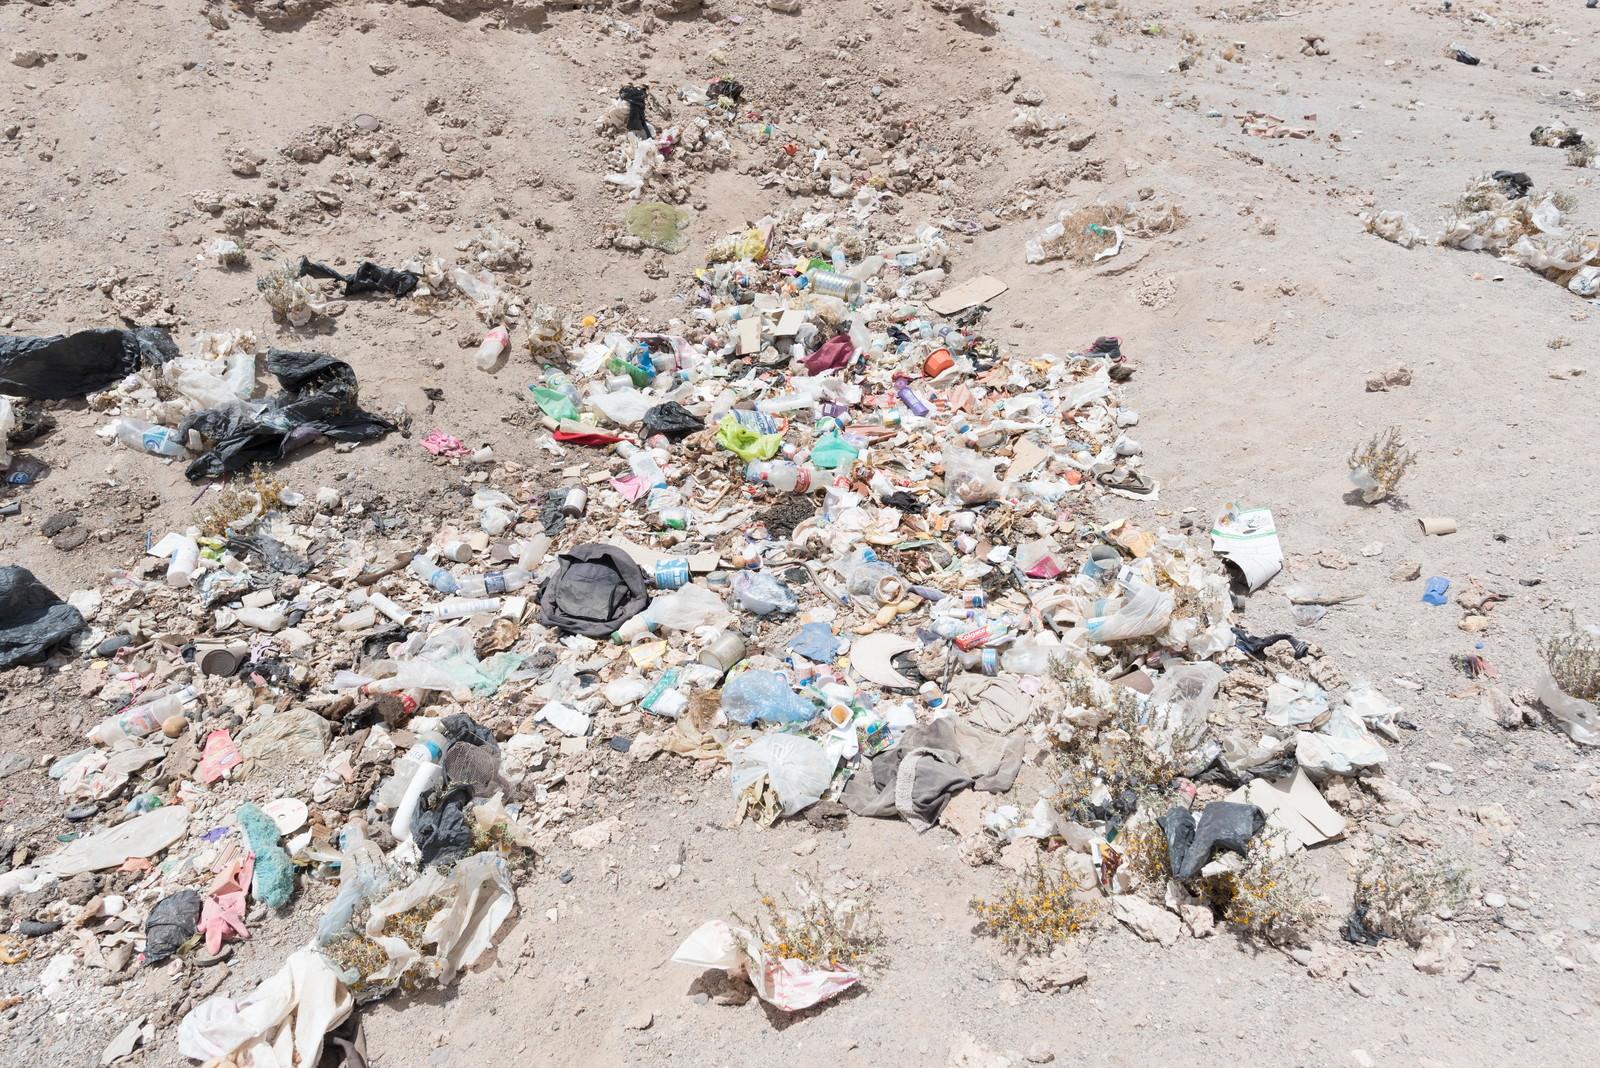 「海外の観光地でポイ捨てされたゴミ」の写真